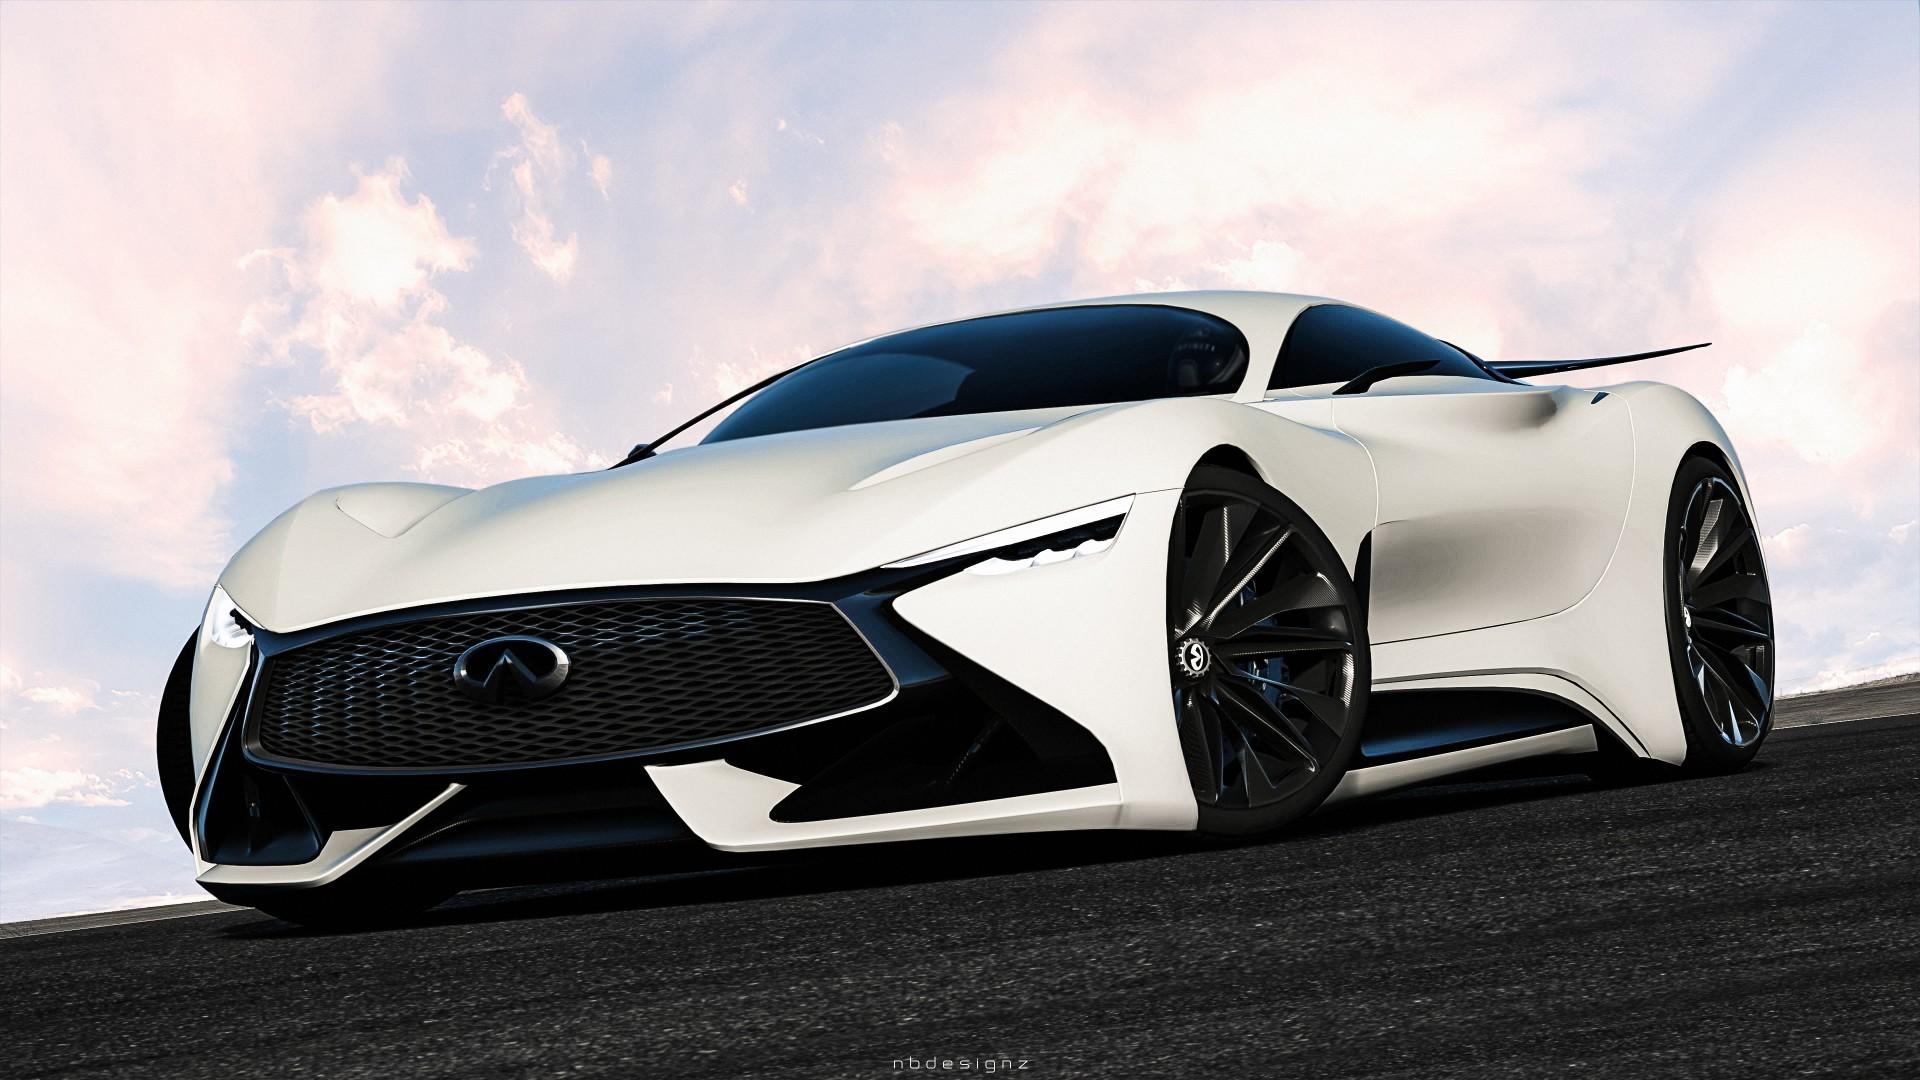 Infiniti Vision GT Concept Gran Turismo 6 Wallpaper   HD ...